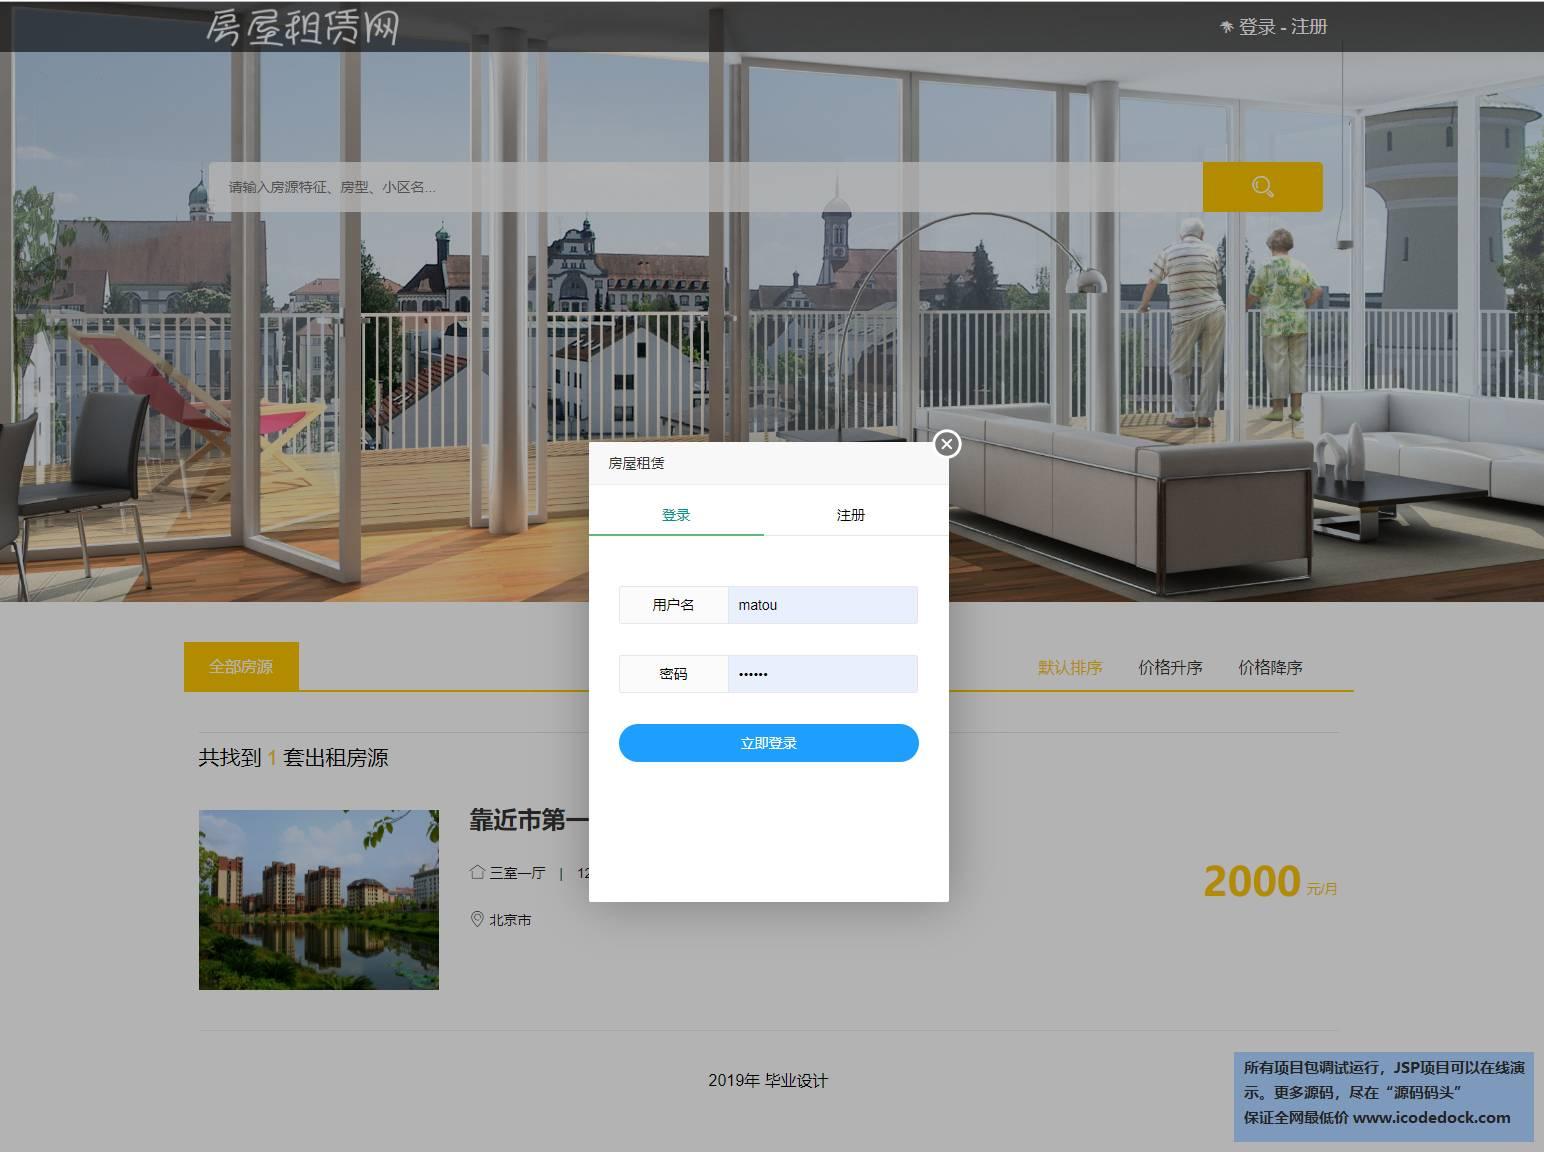 源码码头-SSM房屋出租管理系统-用户角色-用户登录